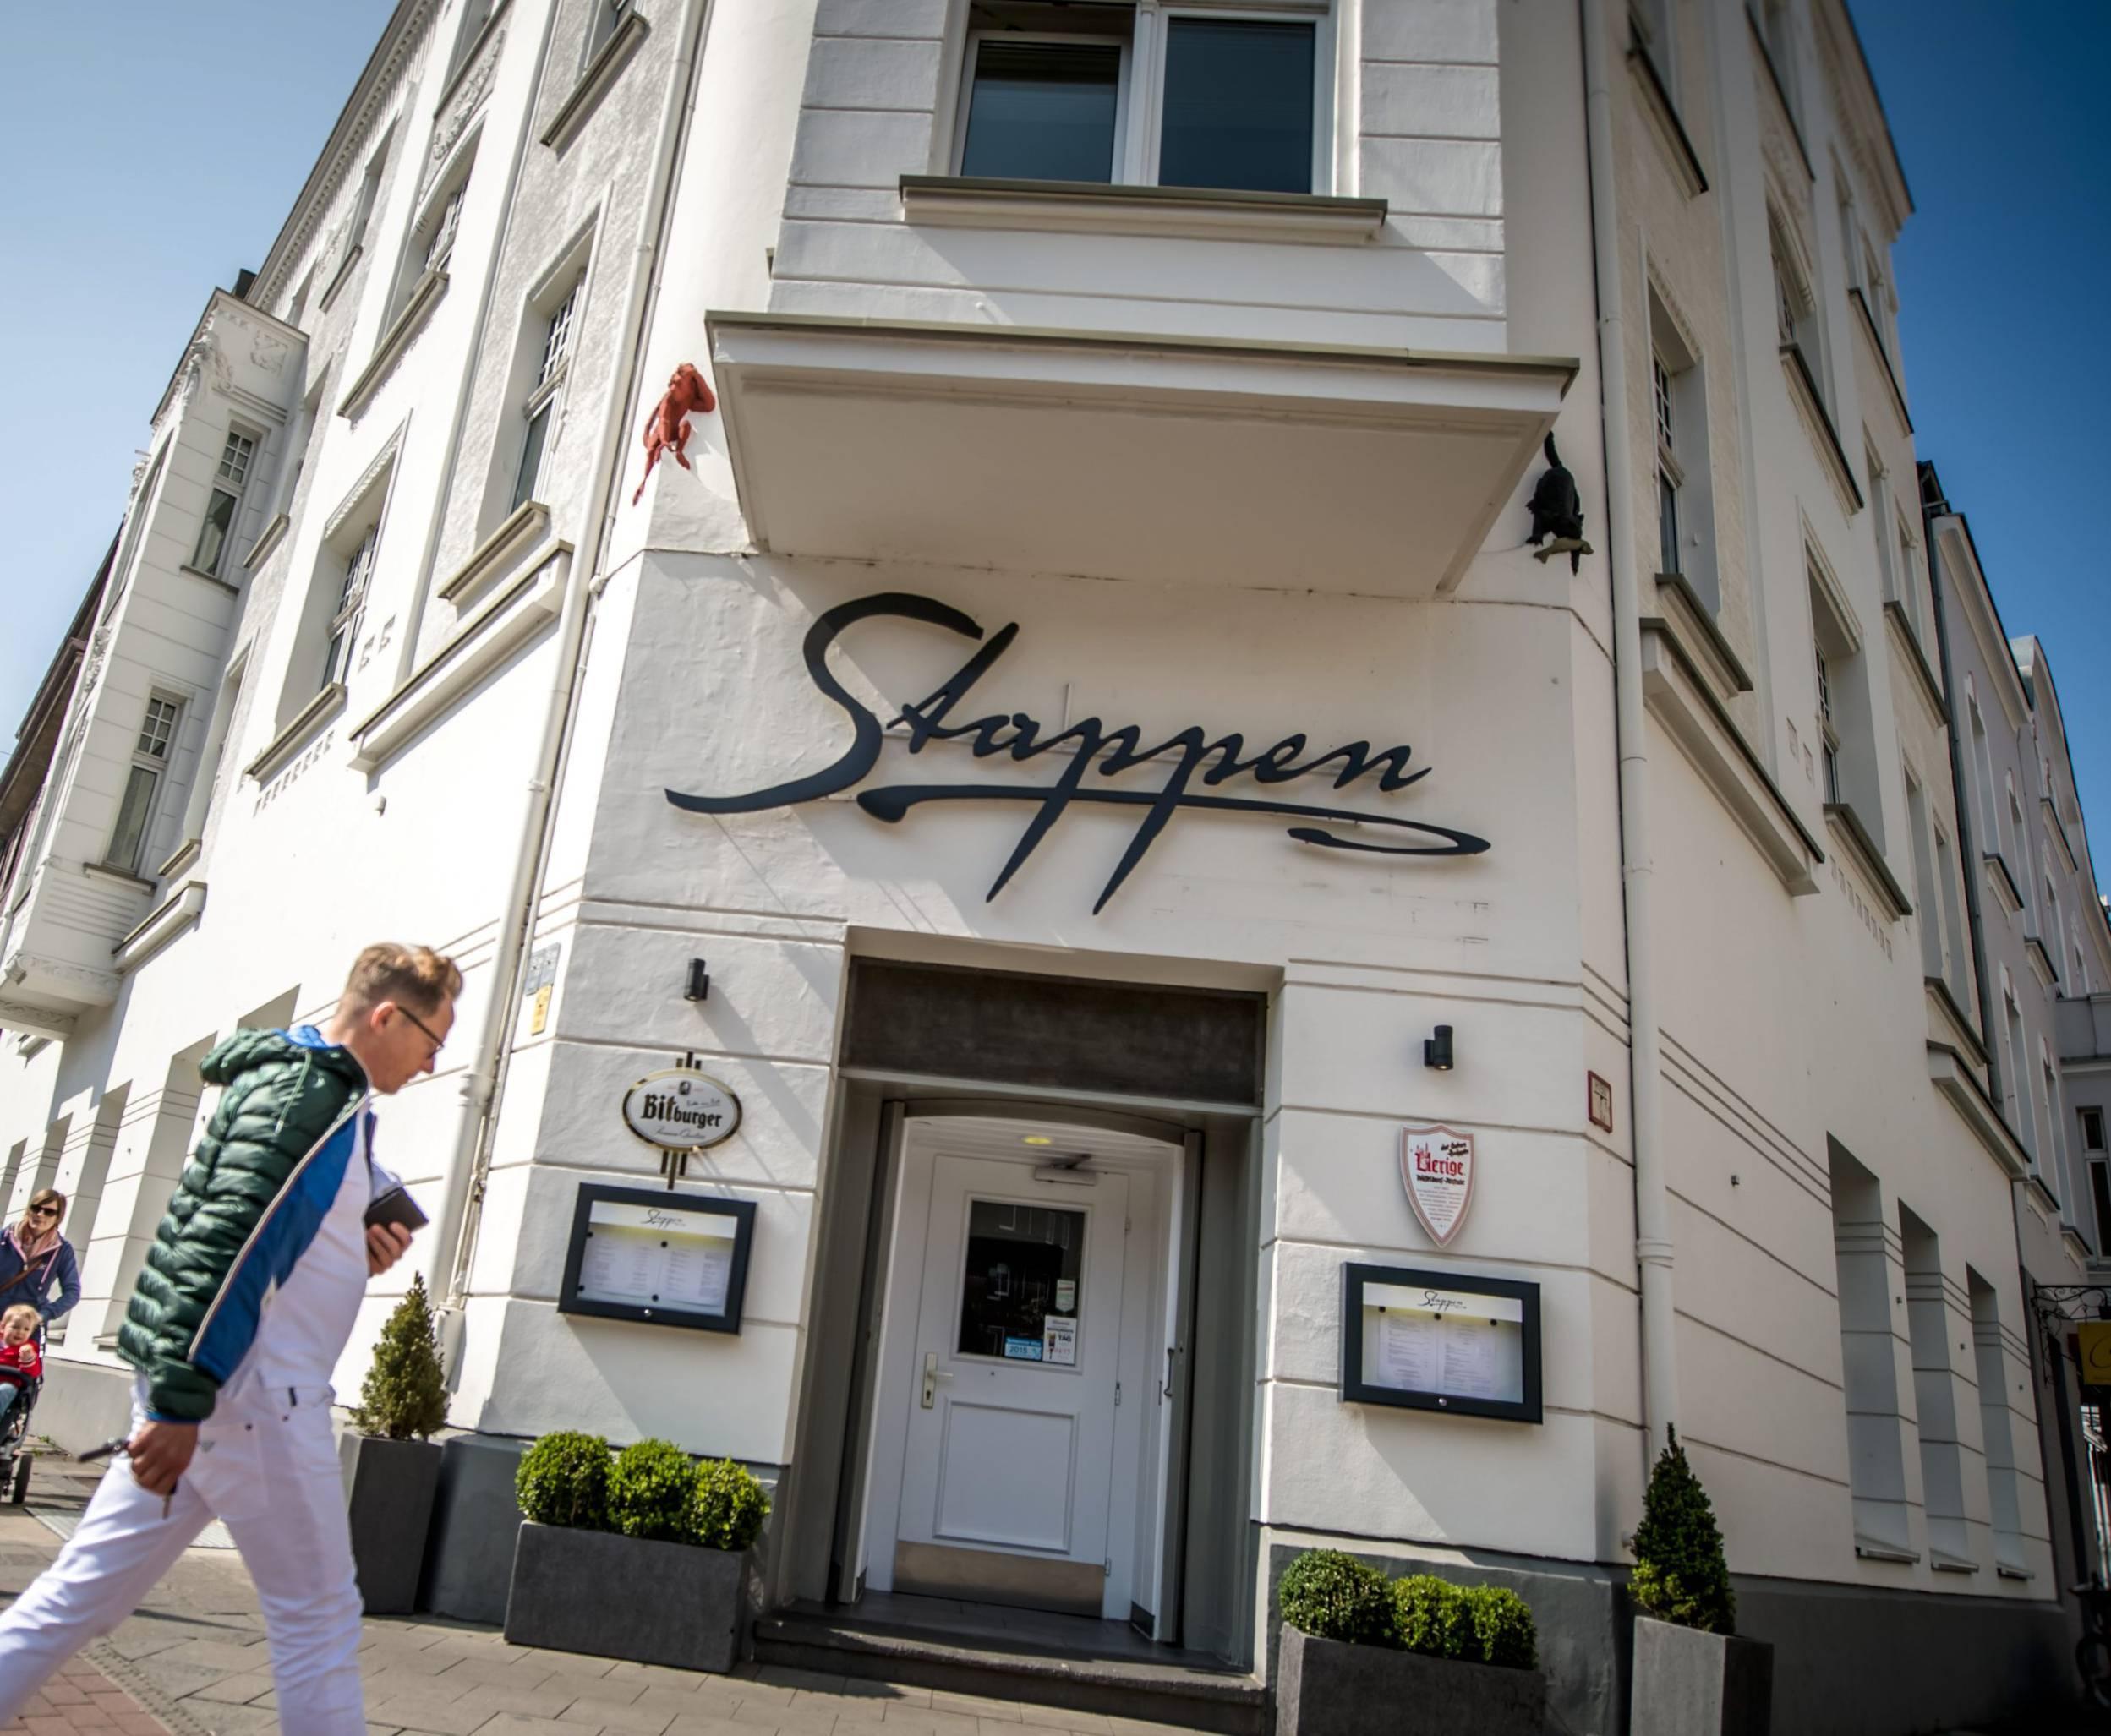 Romantische Restaurants In Dusseldorf Zum Valentinstag 2019